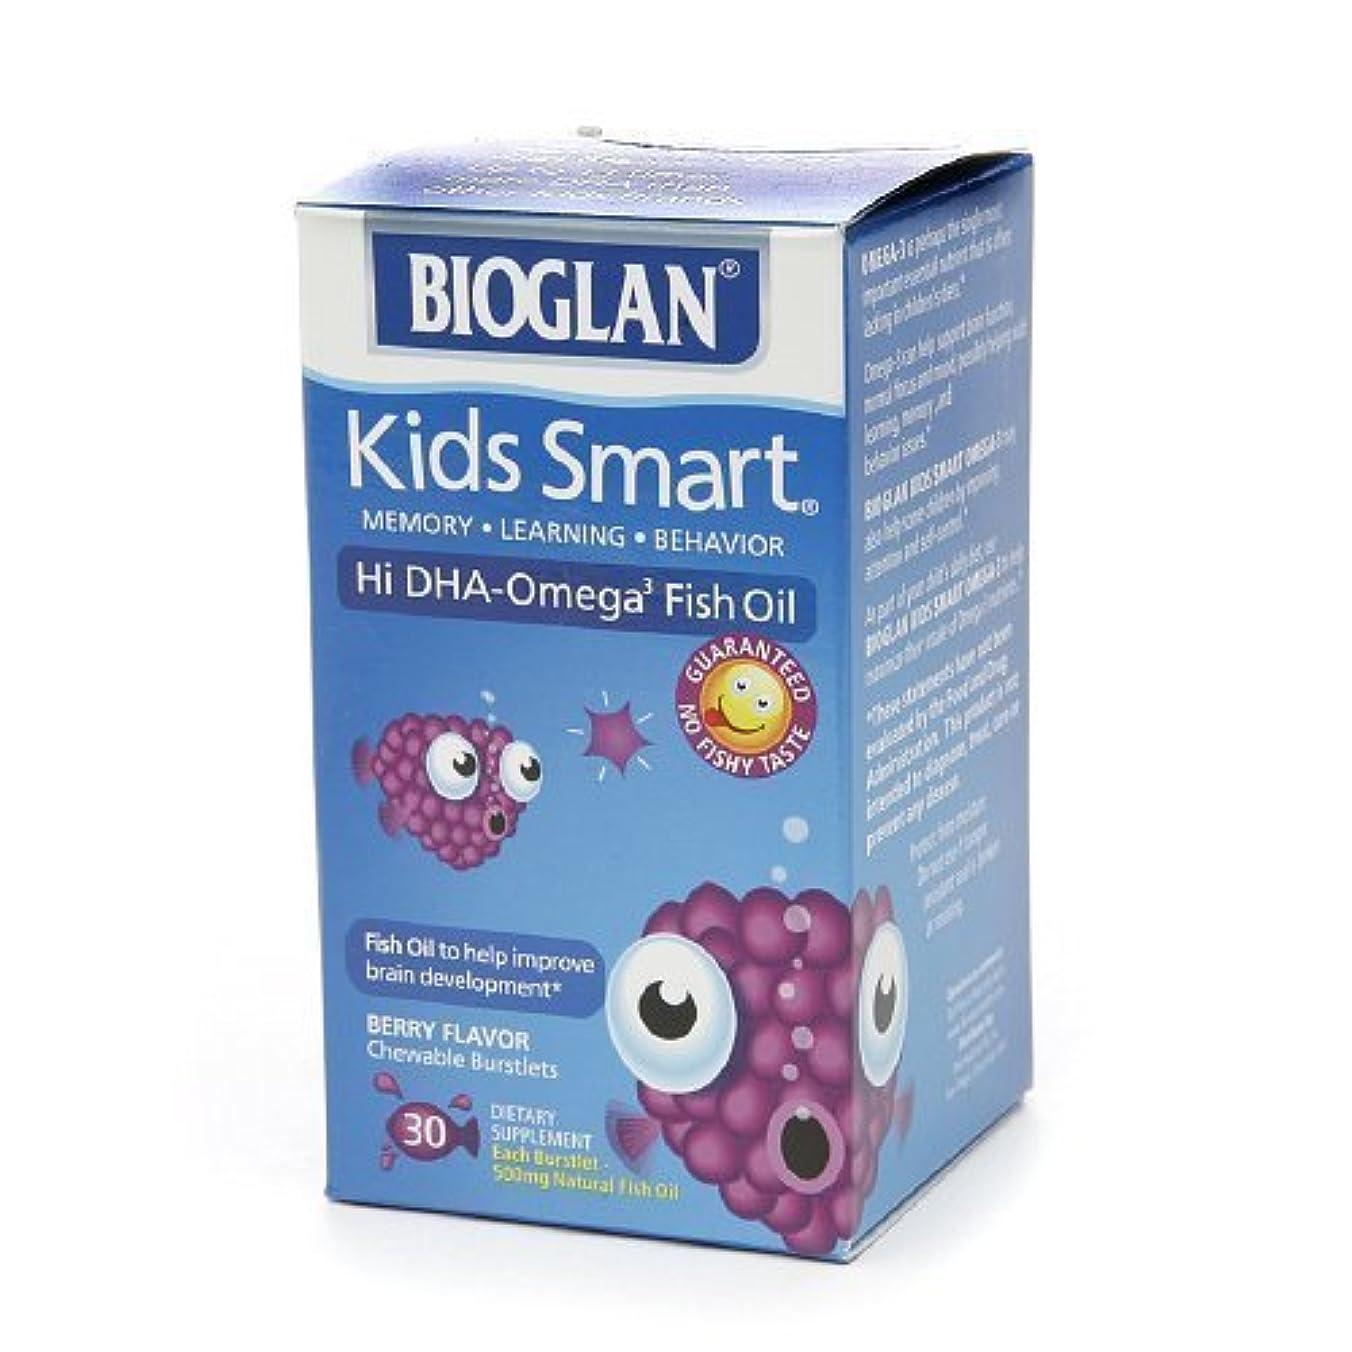 助言する解釈的台風BioGlan Kids Smart Hi DHA Omega-3 Fish Oil, Chewable Burstlets, Berry--30 ea-Product ID DRU-318828_1 by bioglan...